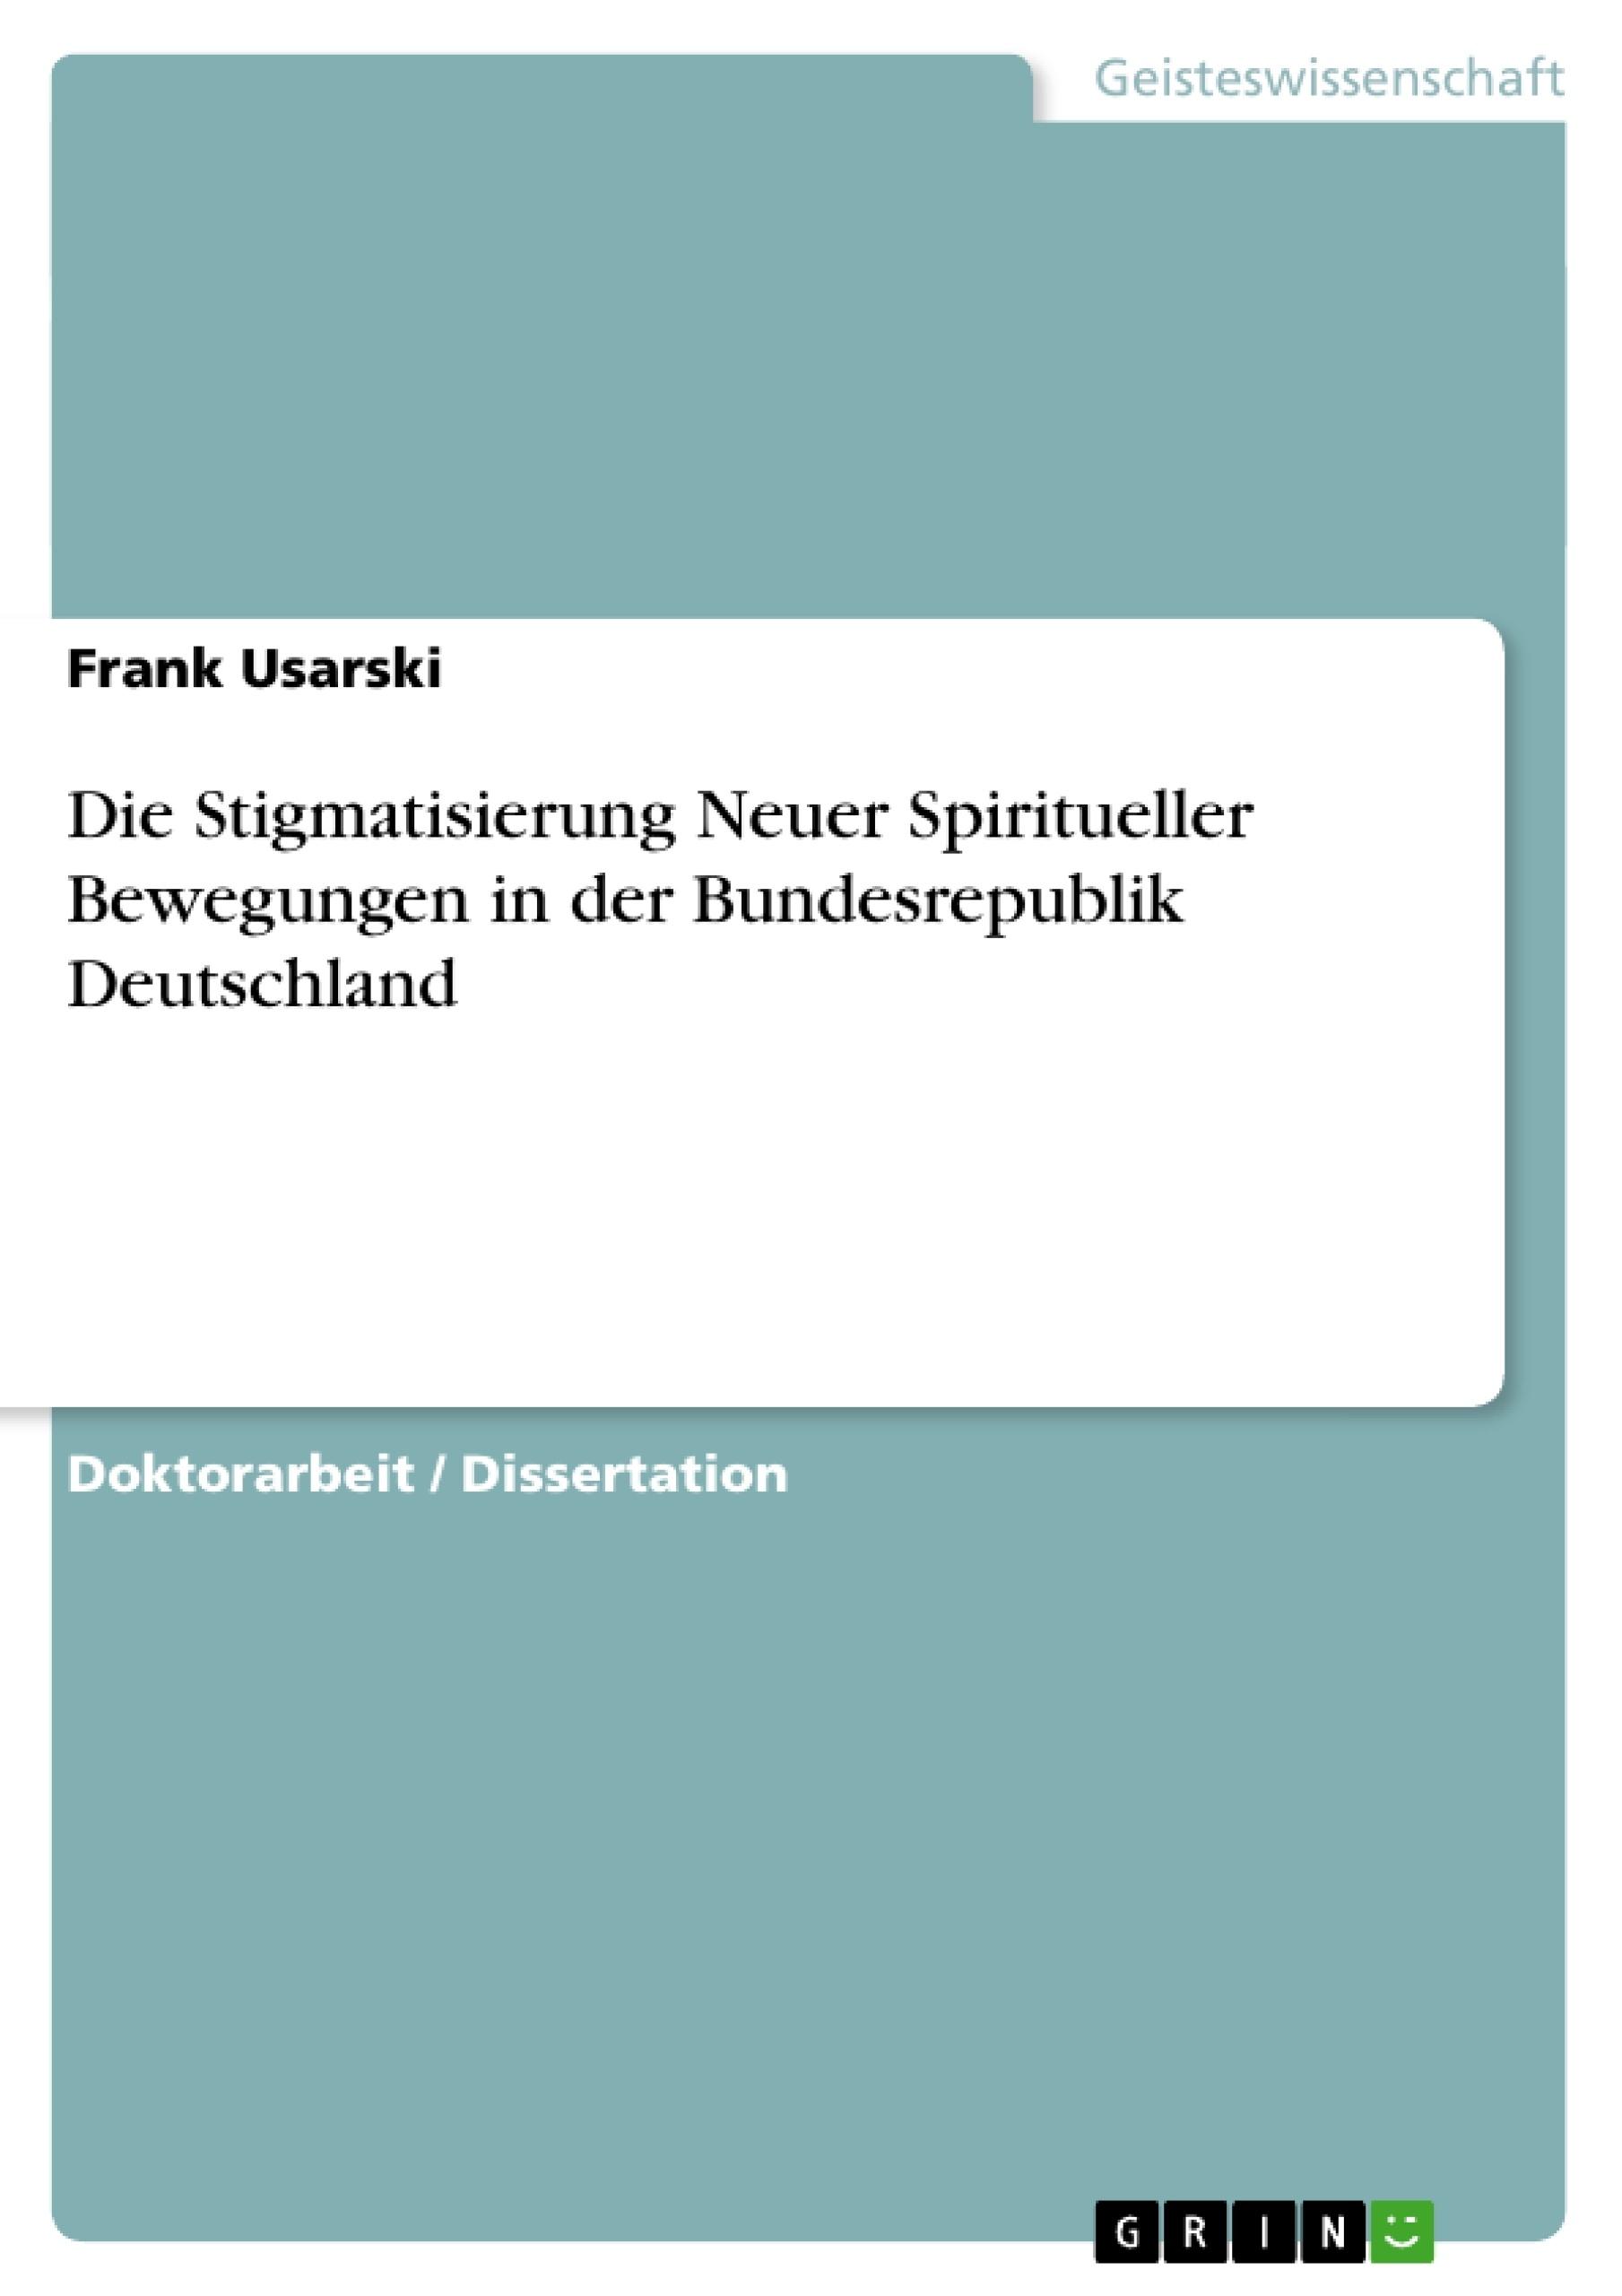 Titel: Die Stigmatisierung Neuer Spiritueller Bewegungen in der Bundesrepublik Deutschland